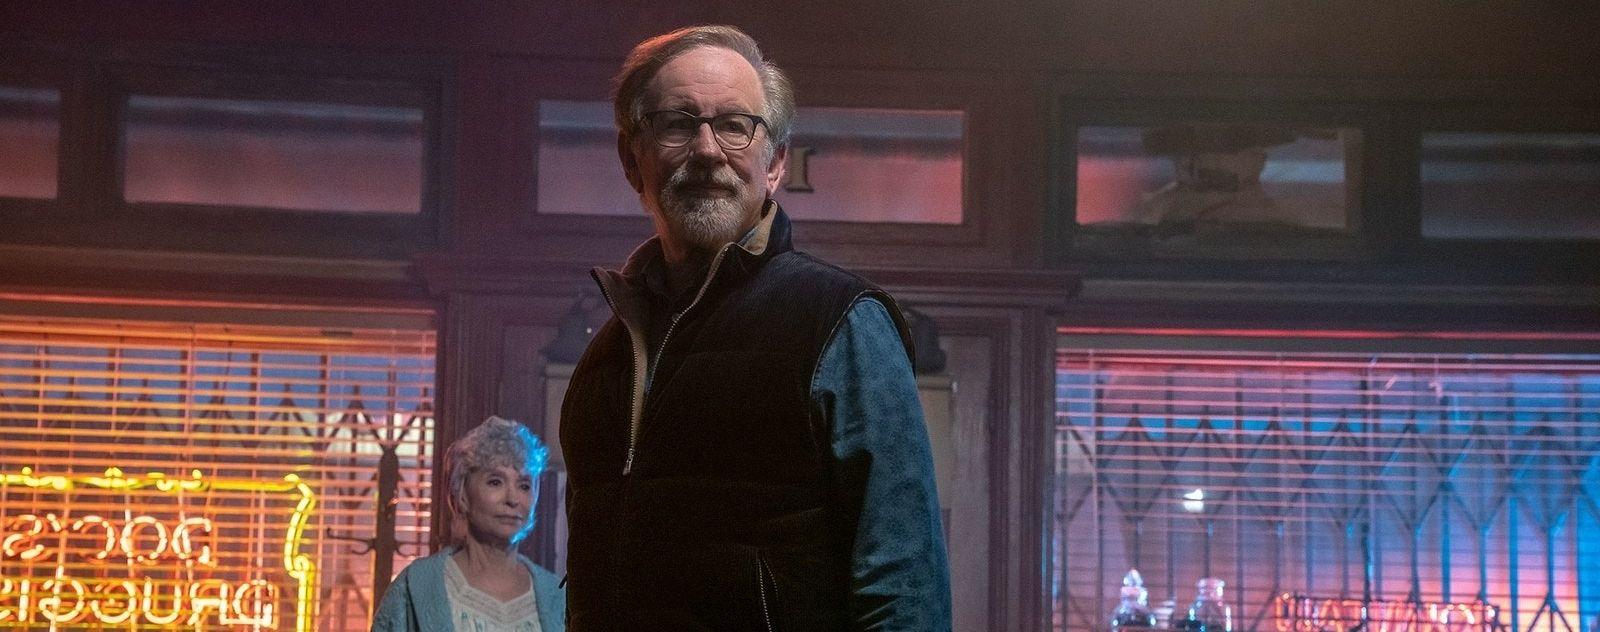 Après West Side Story, Steven Spielberg va réaliser un film inspiré de sa propre enfance - ÉcranLarge.com